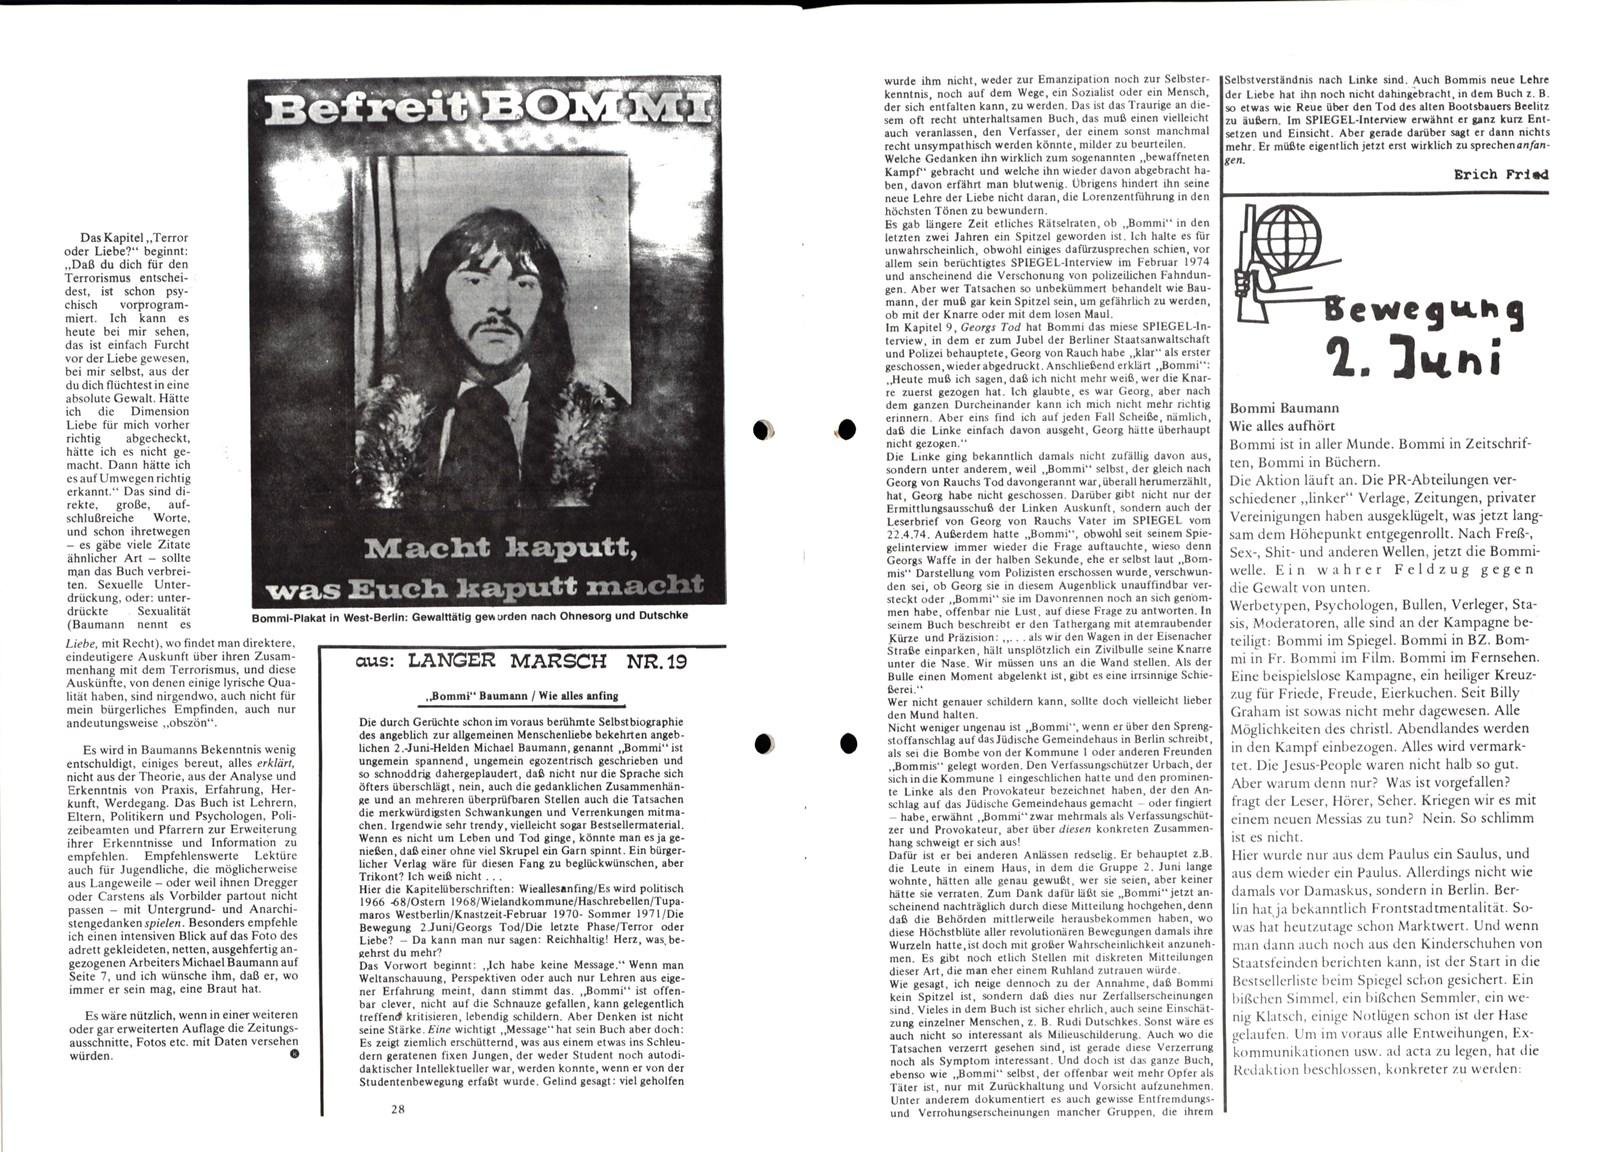 REP_1976_Doku_Beschlagnahme_von_Literatur_15